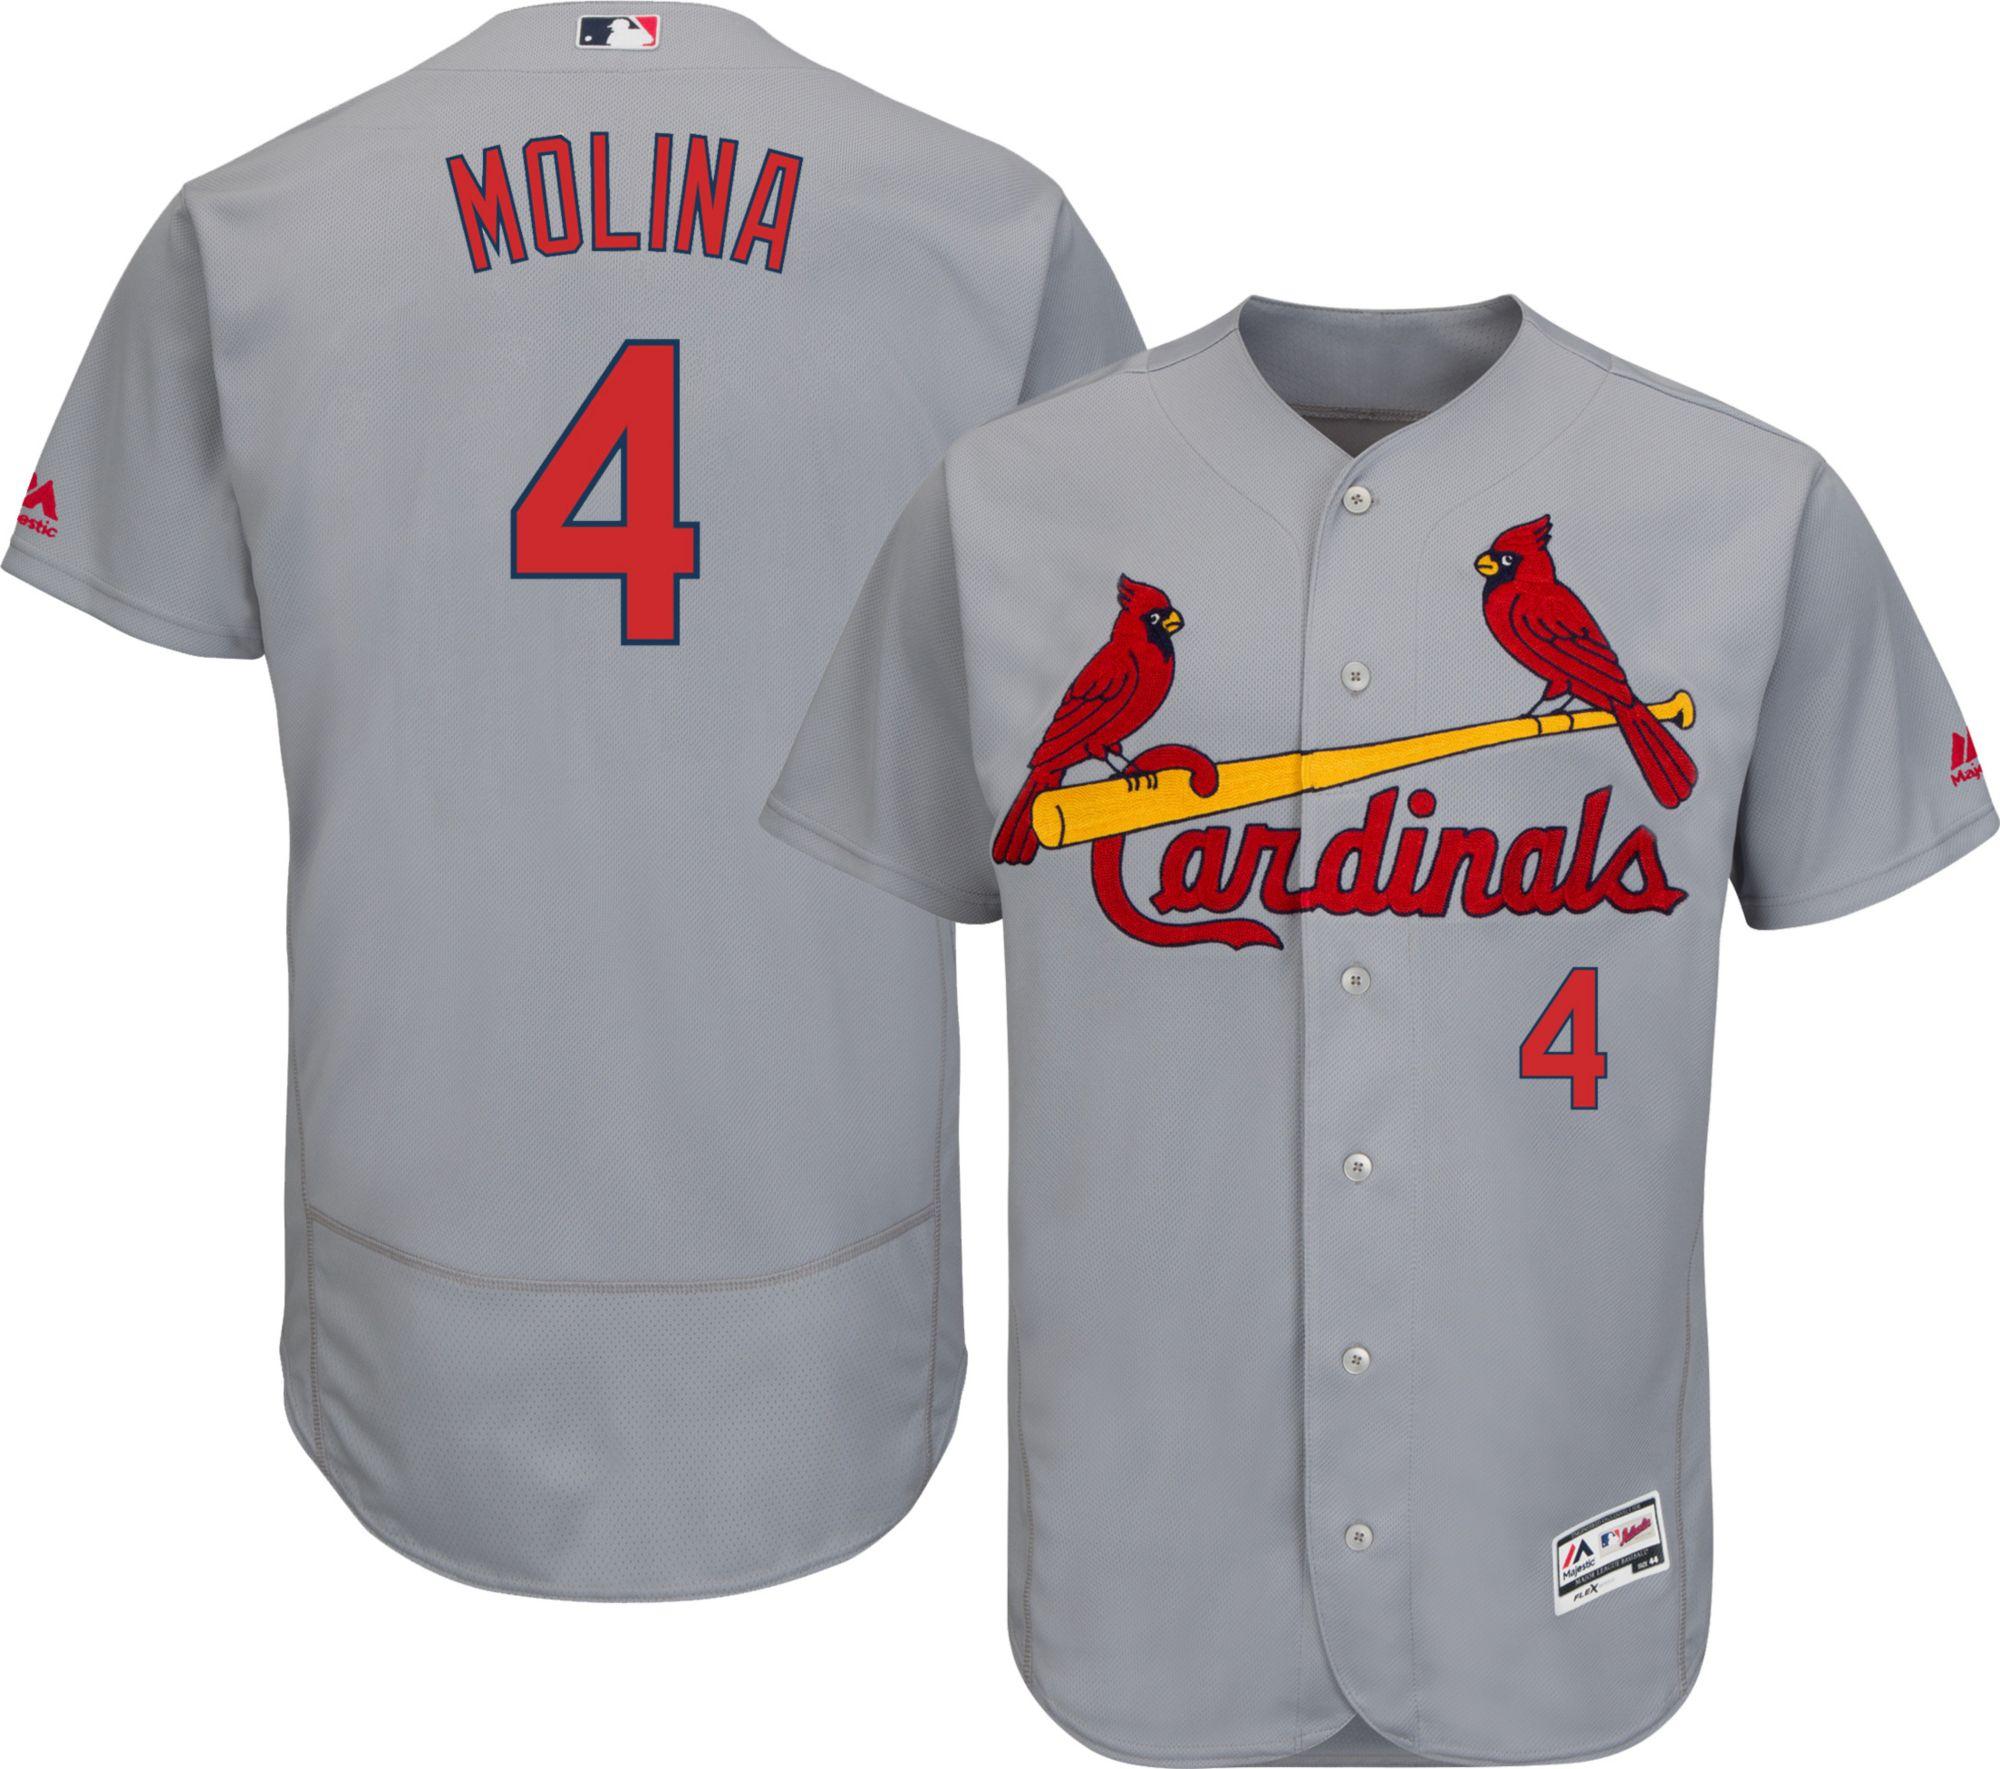 1c63d6f7 ... Majestic Mens Authentic St. Louis Cardinals Yadier Molina 4 ...